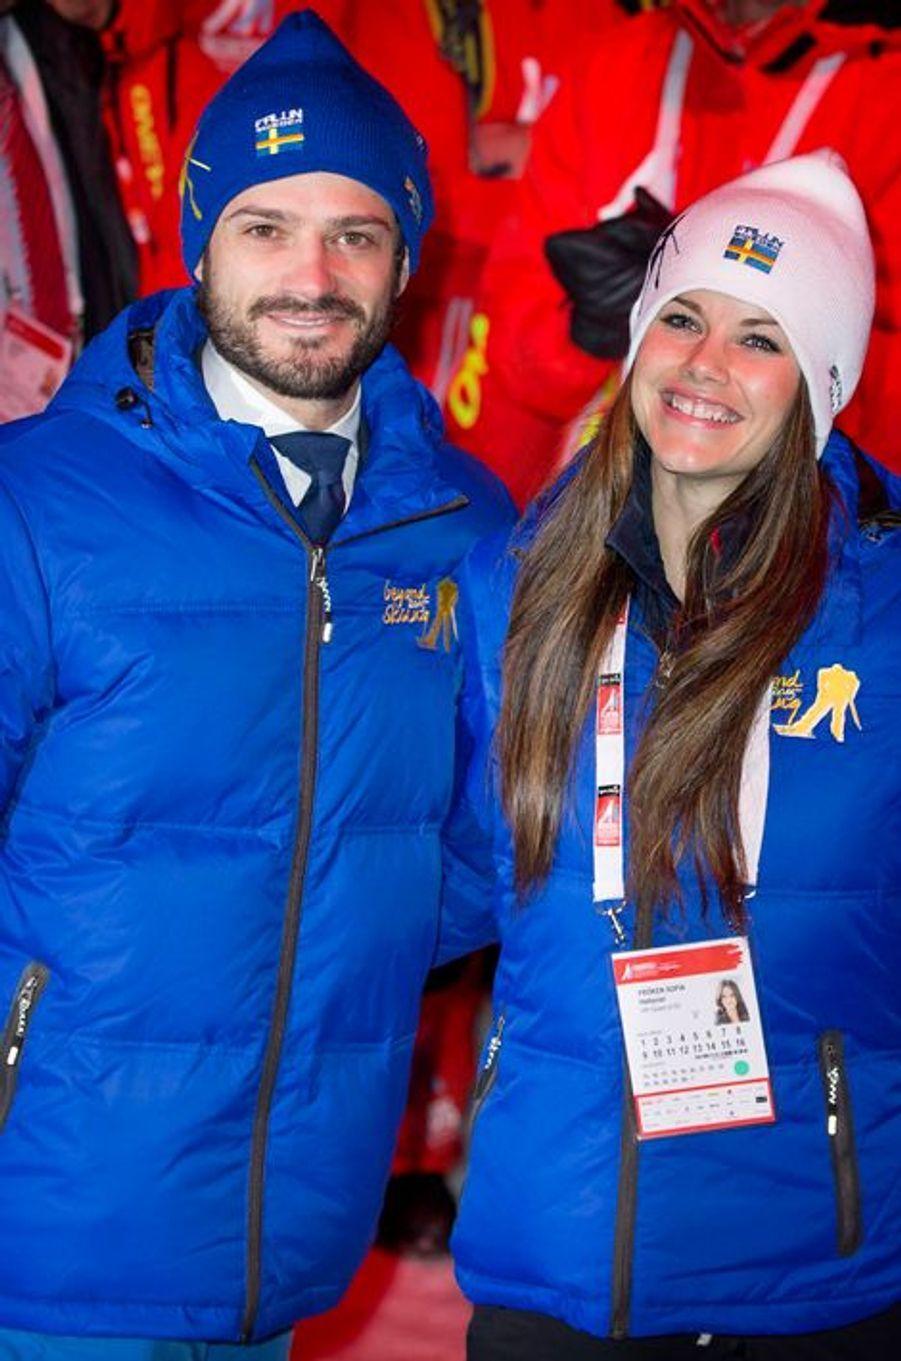 Sofia Hellqvist et le prince Carl Philip à Falun, le 18 février 2015